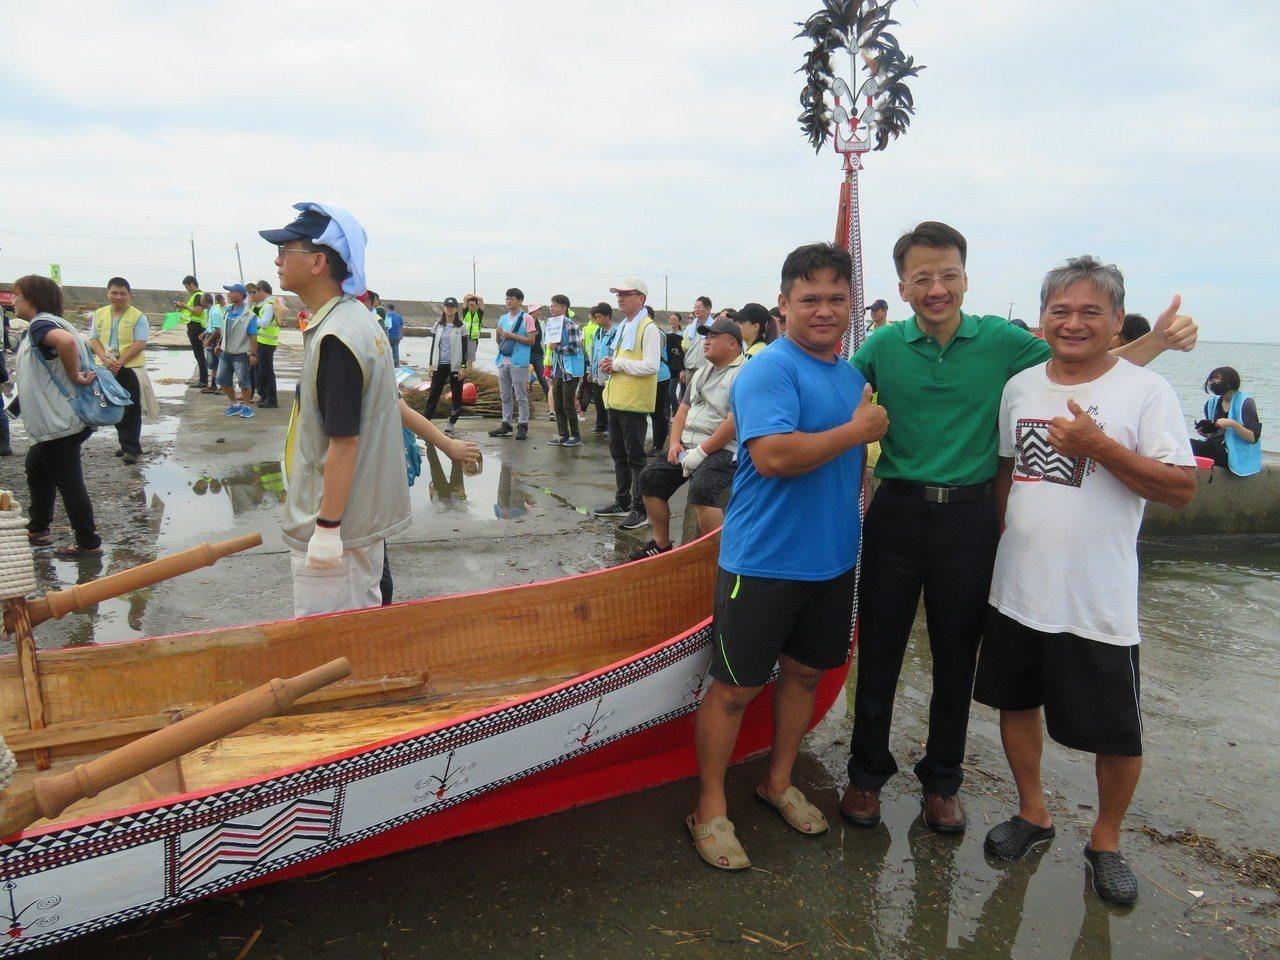 蘭嶼達悟族青年張世凱(左)與父親張馬群(右)在網寮漁港,展示拼板舟,張世凱巧遇2...